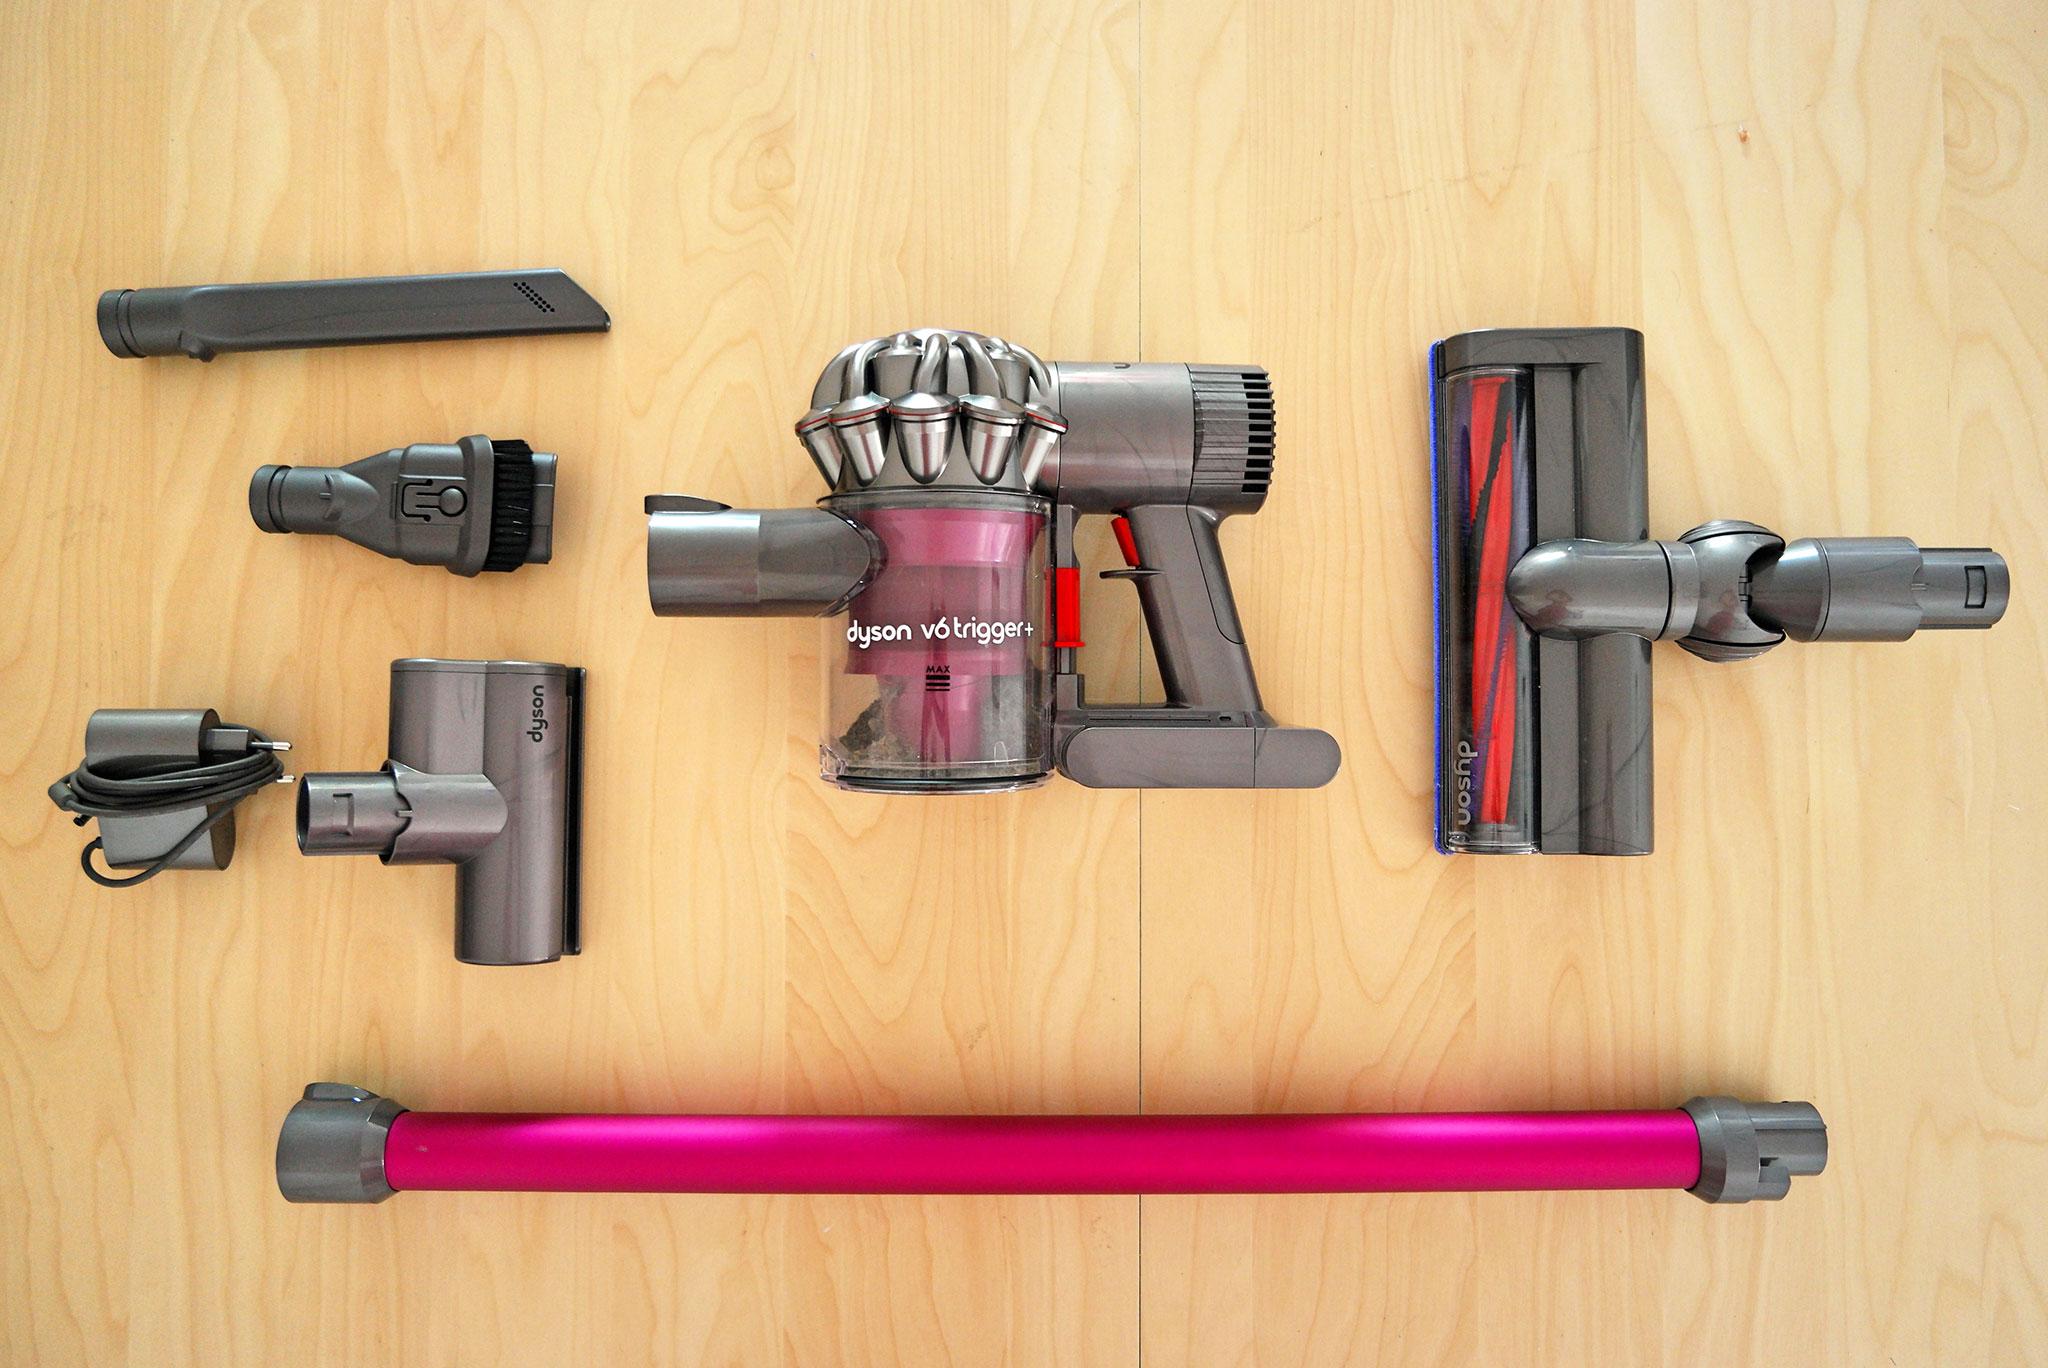 transformer un dyson v6 trigger en dyson v6 le geek trotteur. Black Bedroom Furniture Sets. Home Design Ideas